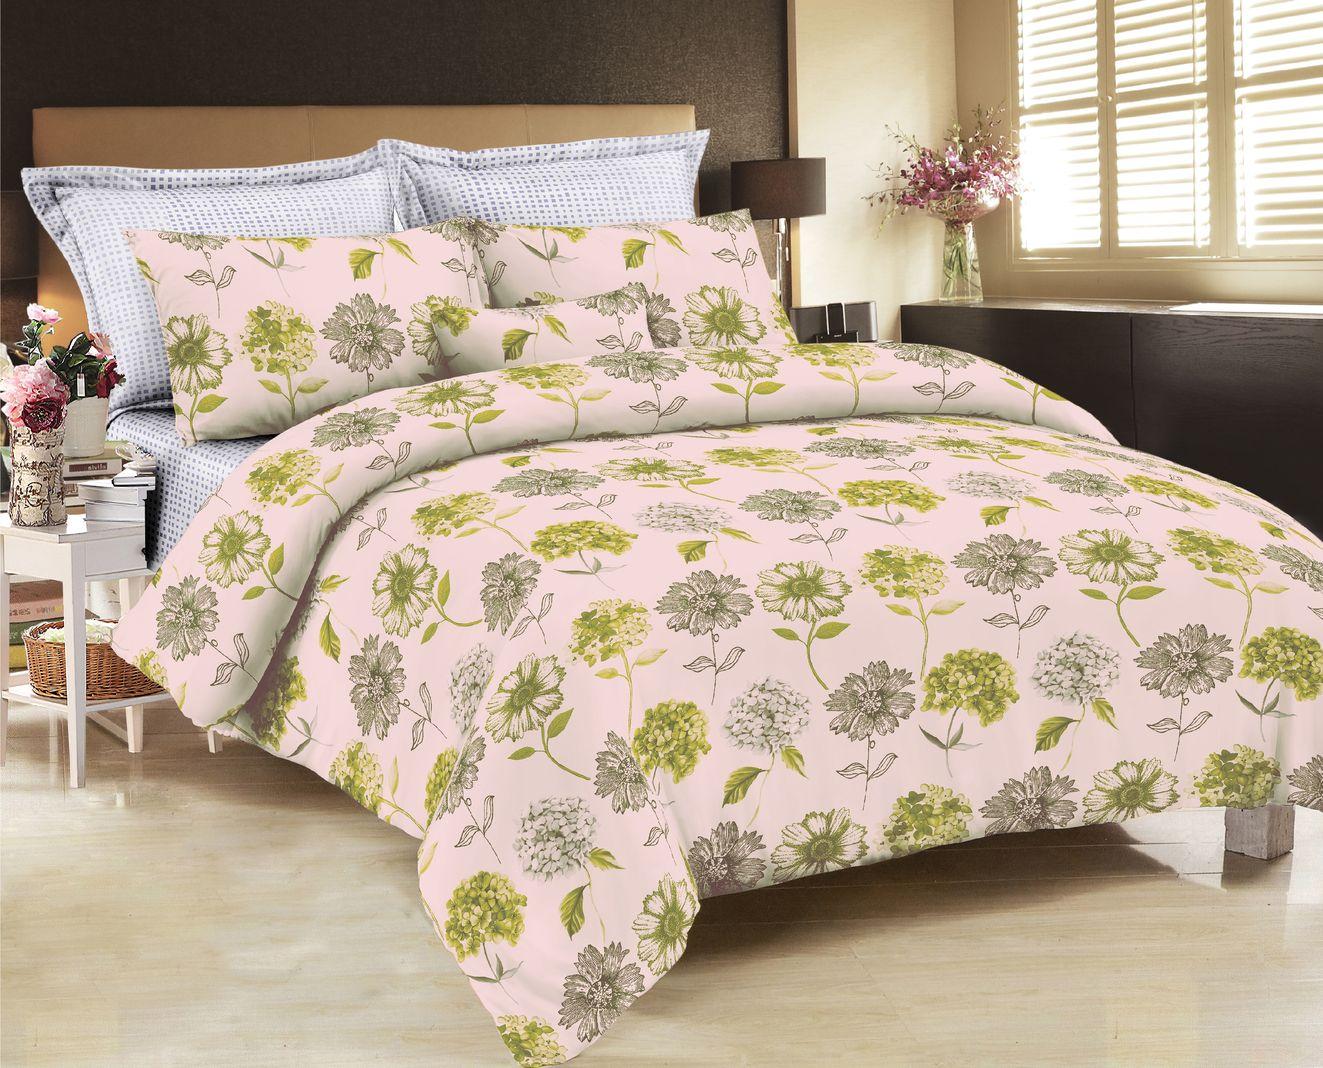 цена Комплект постельного белья Seta Azalea Nautica 019032317, евро, наволочки 70x70 см онлайн в 2017 году